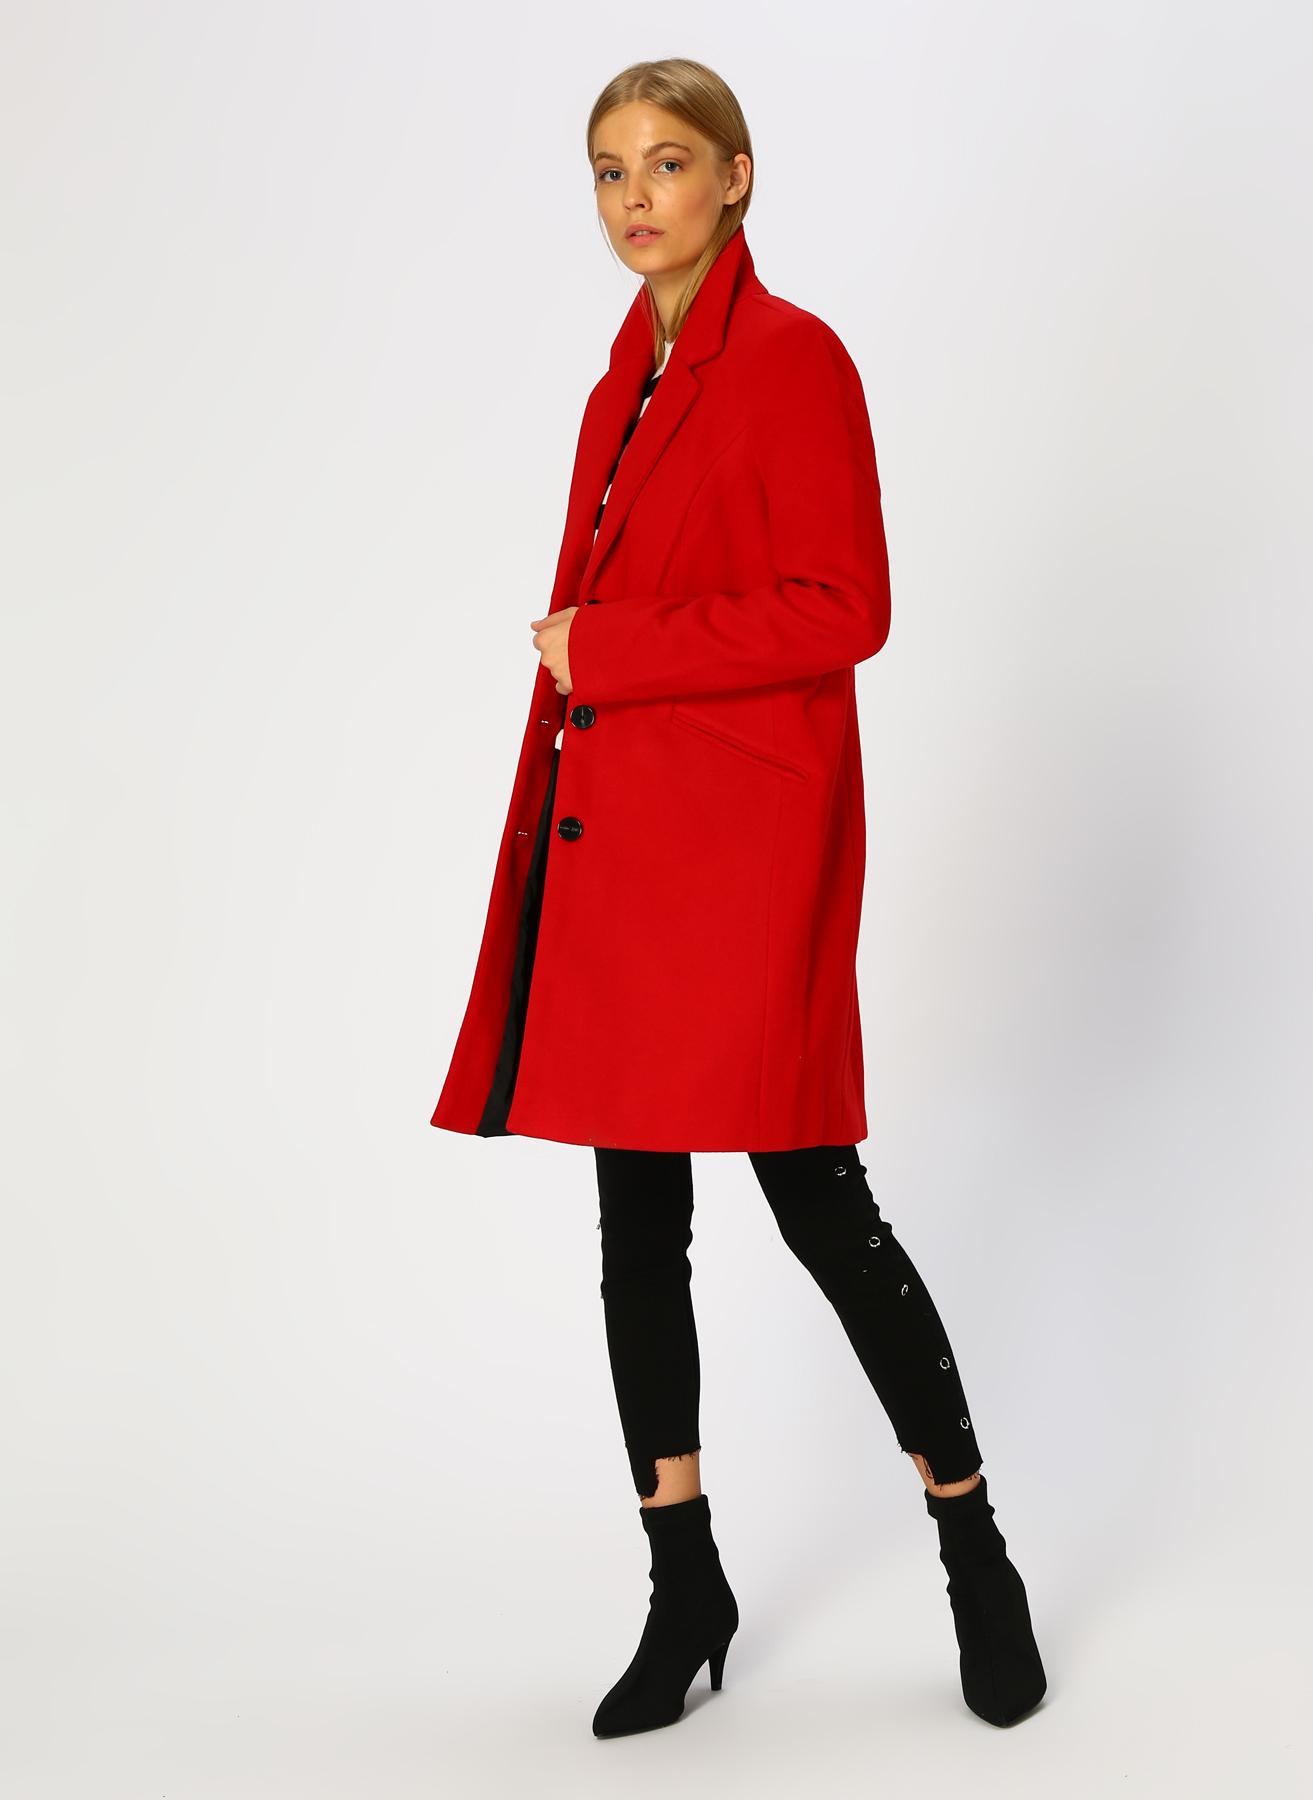 Vero Moda Kırmızı Mont S 5002305562003 Ürün Resmi